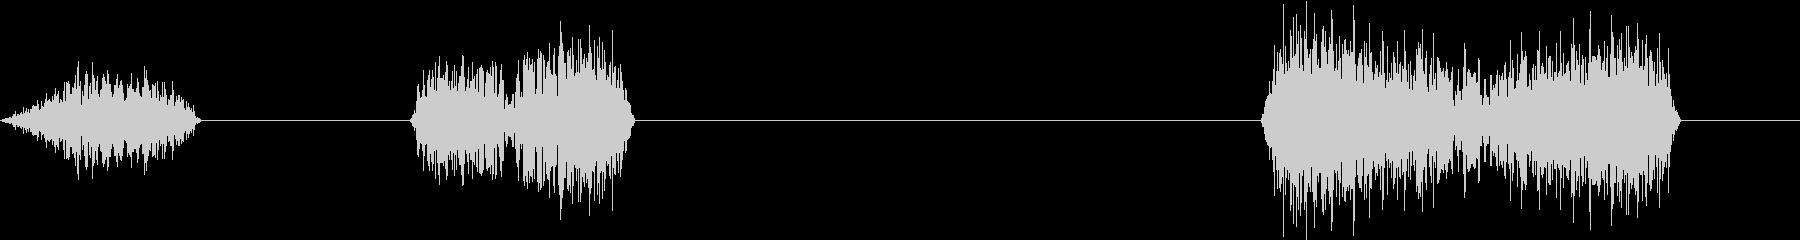 DJプレイ スクラッチ・ノイズ 6 三連の未再生の波形